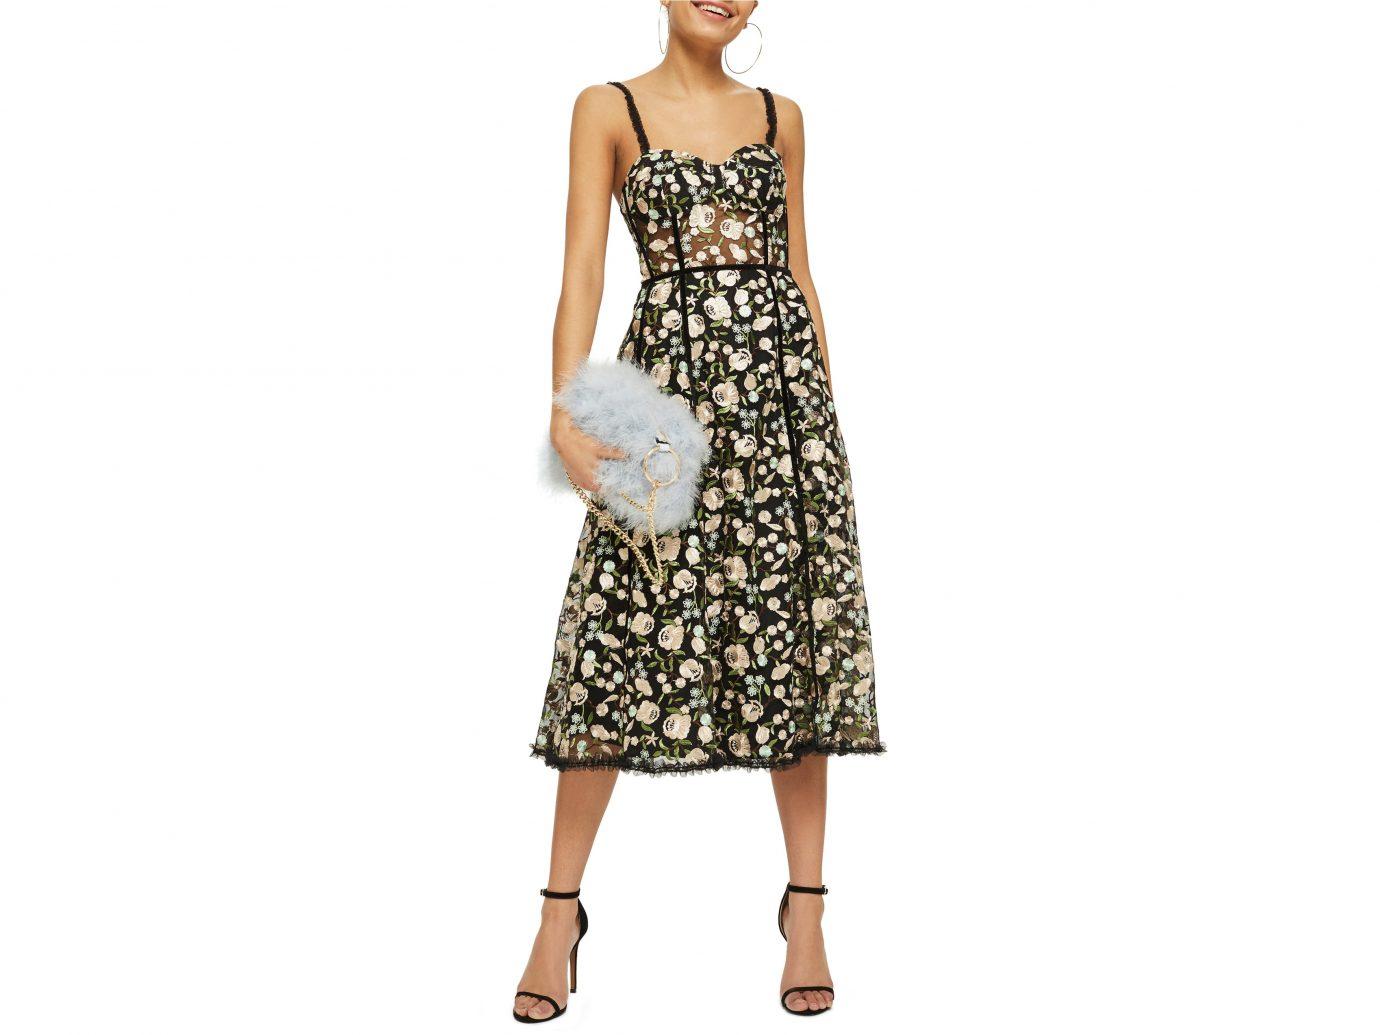 Topshop Floral Corset Midi Dress